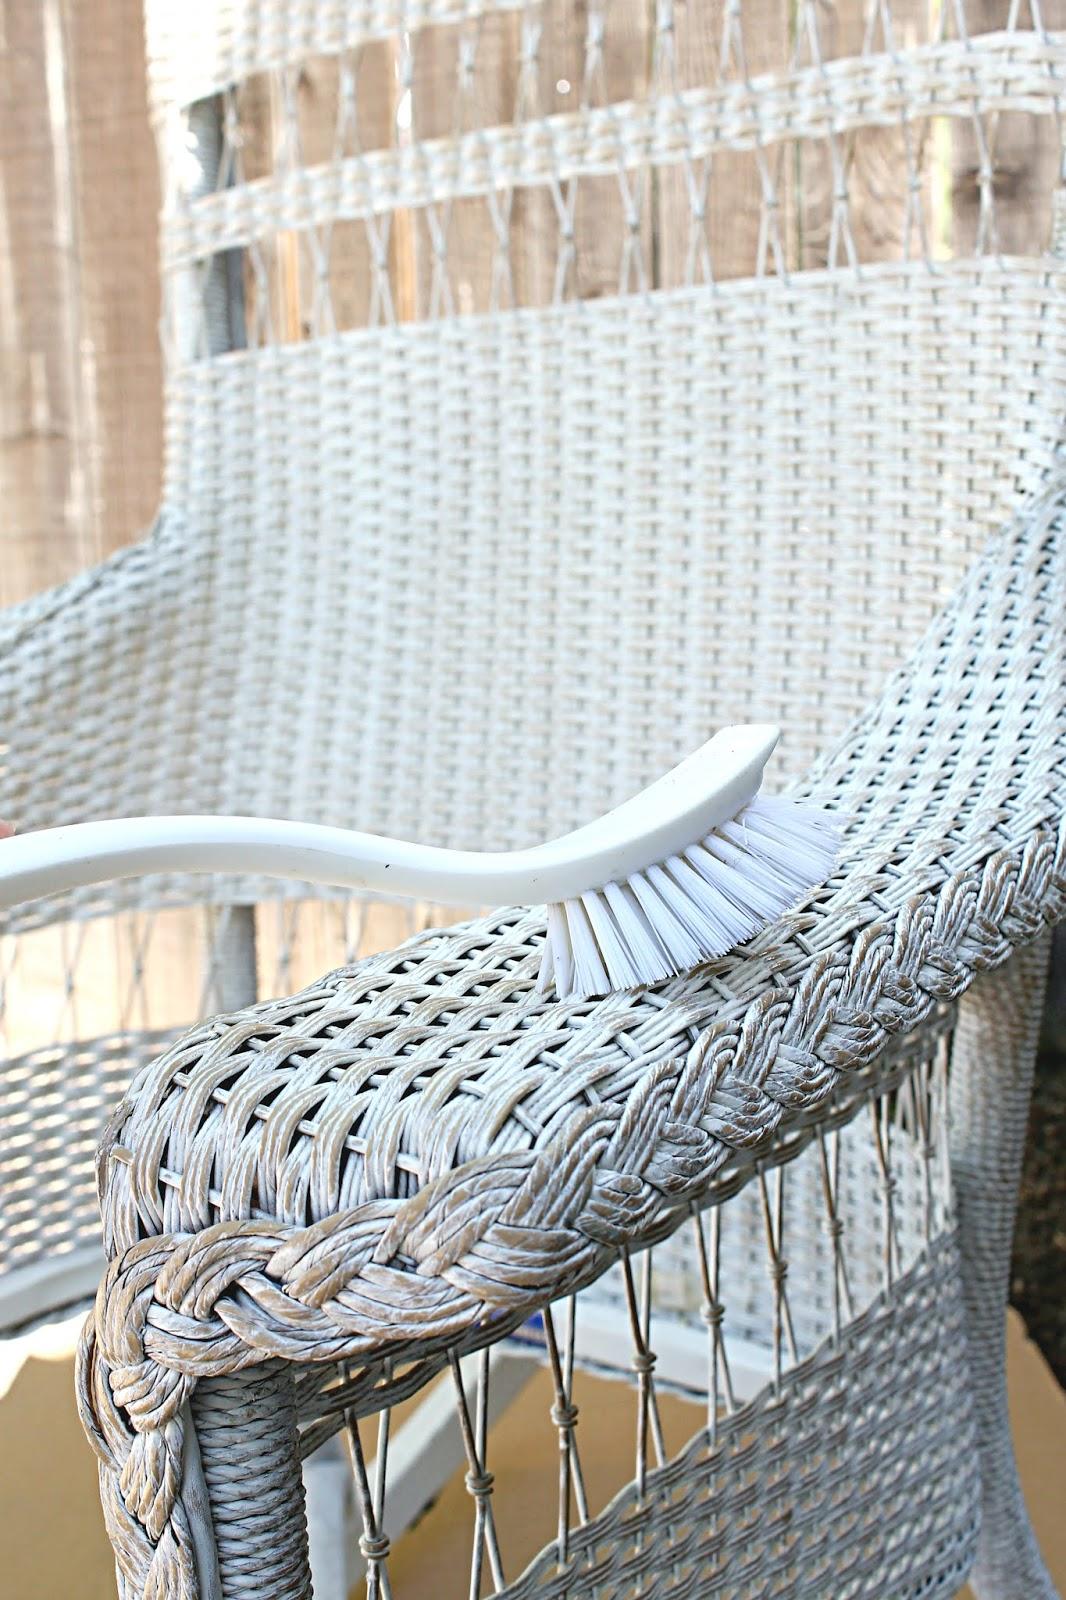 Wicker Wicker Furniture